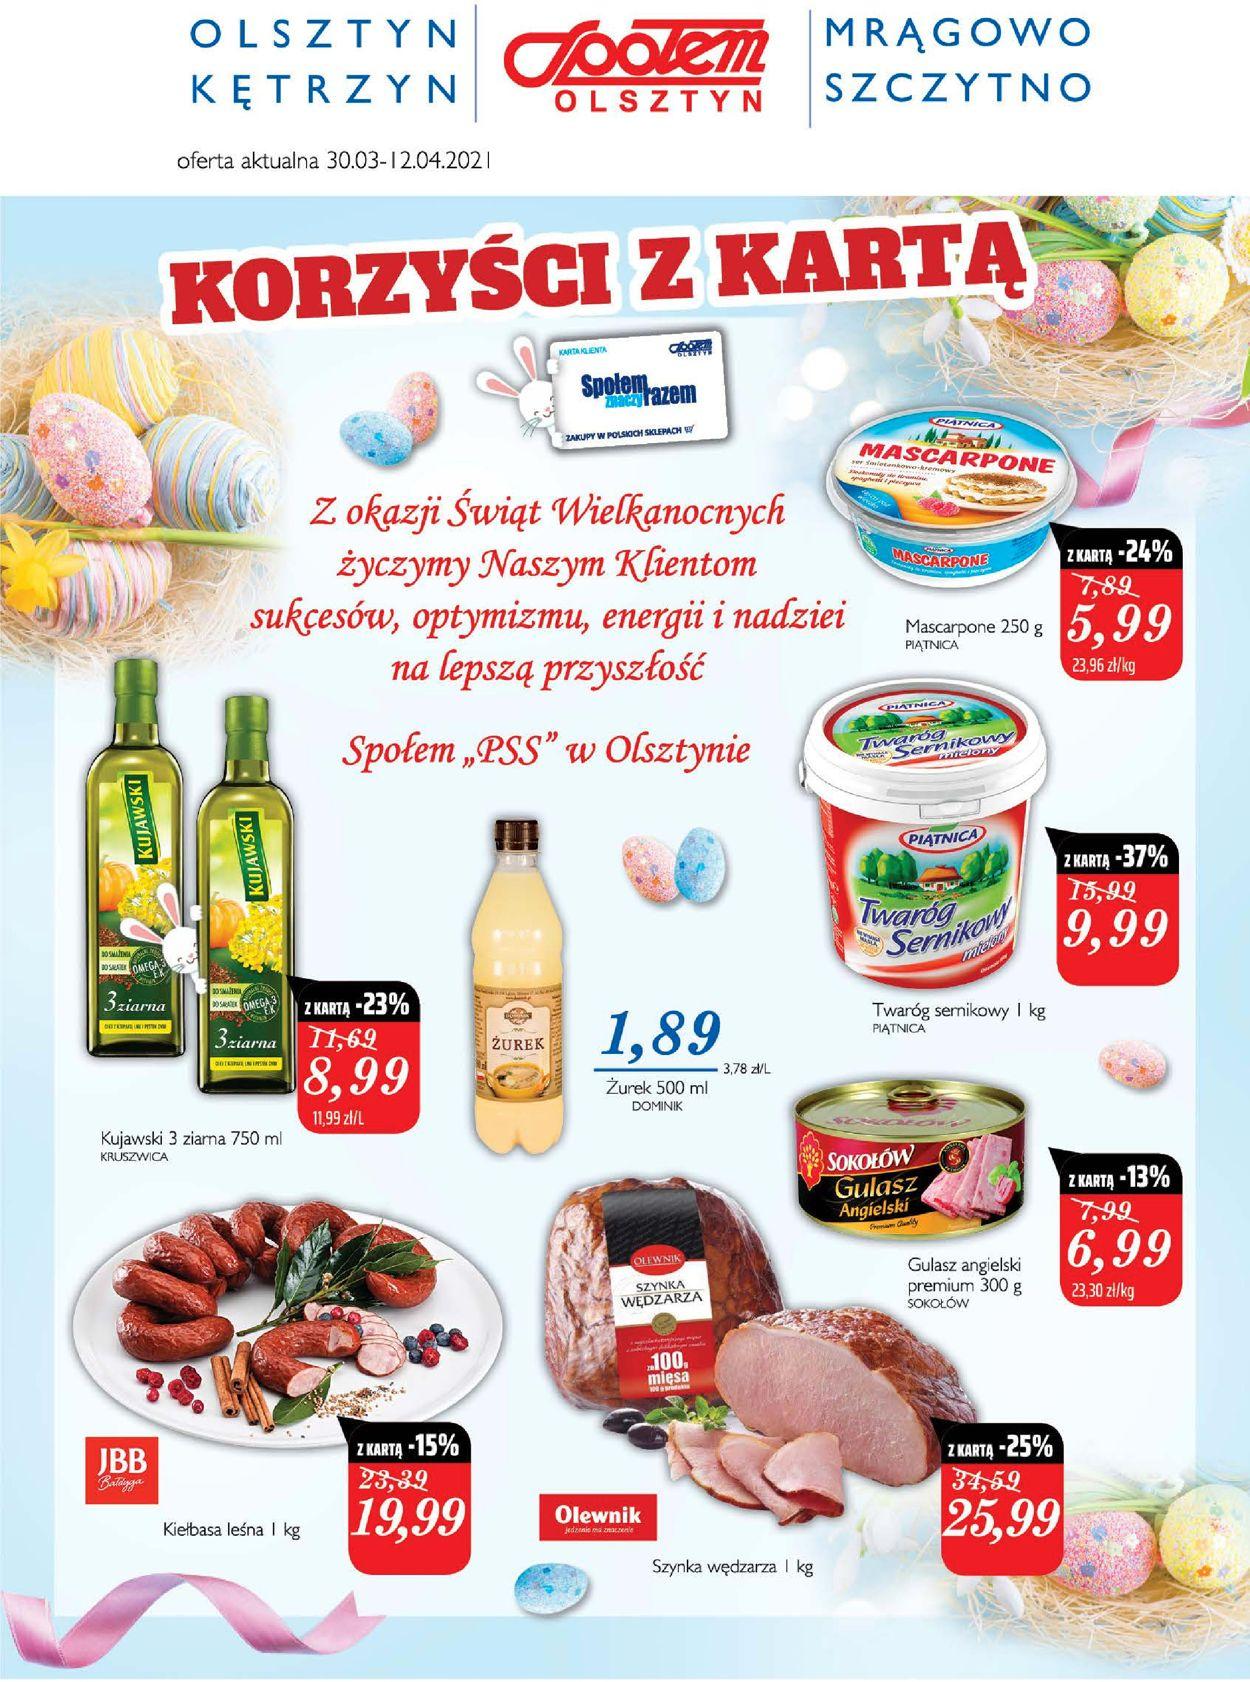 Gazetka promocyjna Społem Wielkanoc 2021! - 30.03-12.04.2021